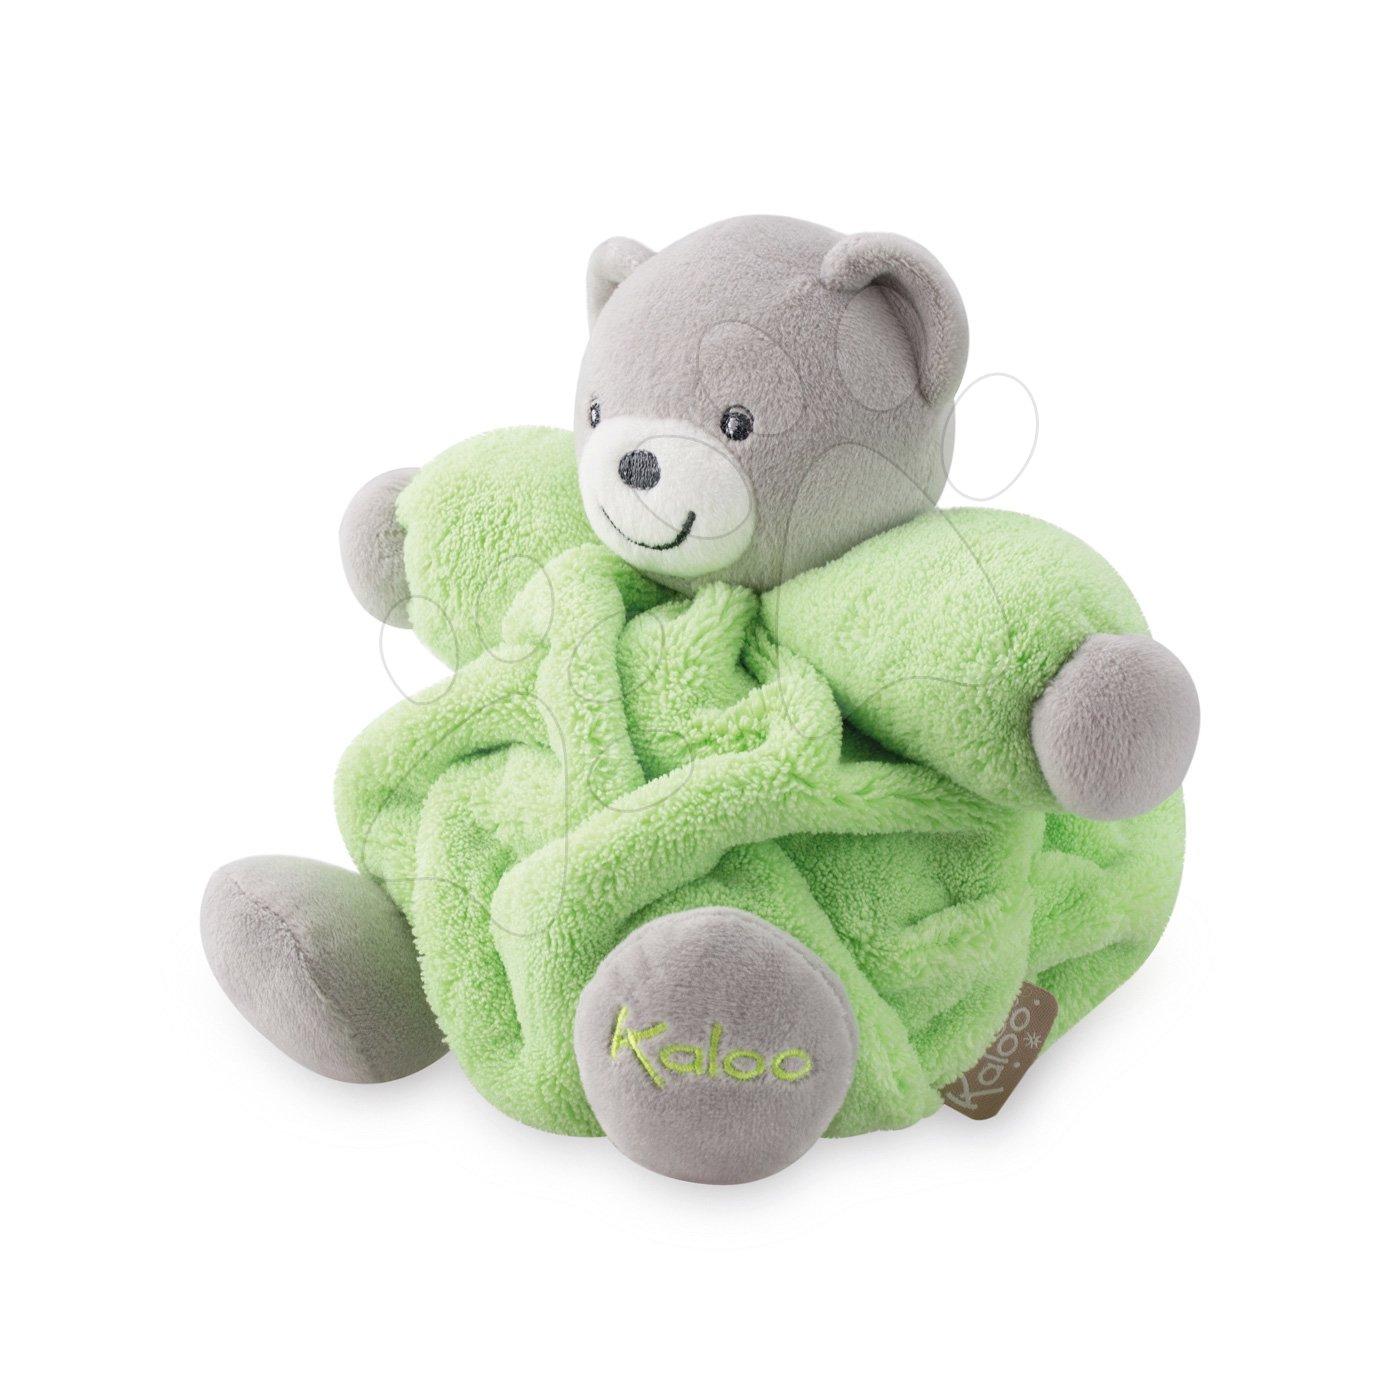 Plyšové medvede - Plyšový medveď Chubby Neon Kaloo 18 cm v darčekovom balení pre najmenších zelený